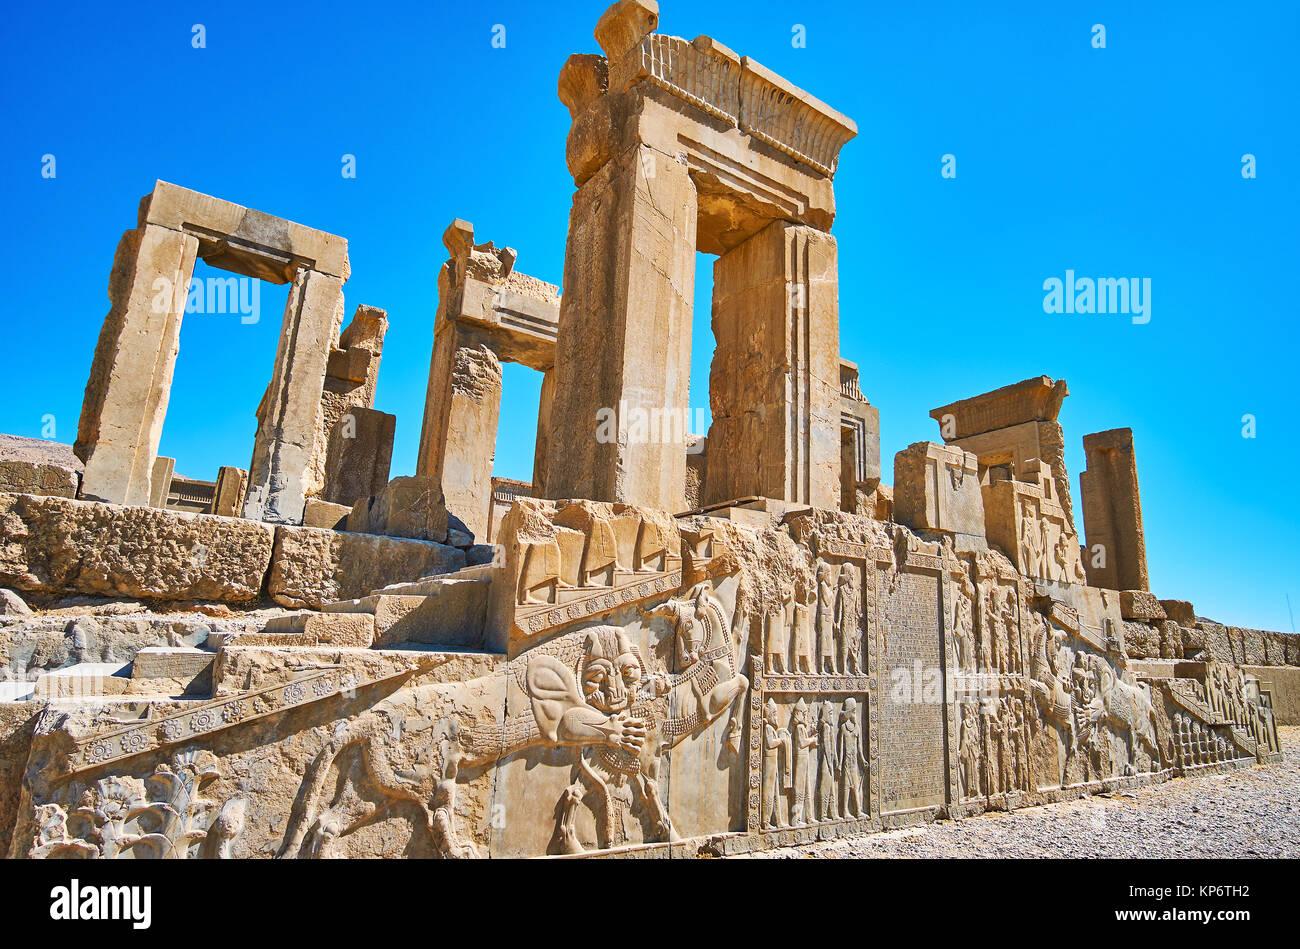 Site archéologique de Persépolis dispose de reliefs, préservé dépeignant des scènes Photo Stock